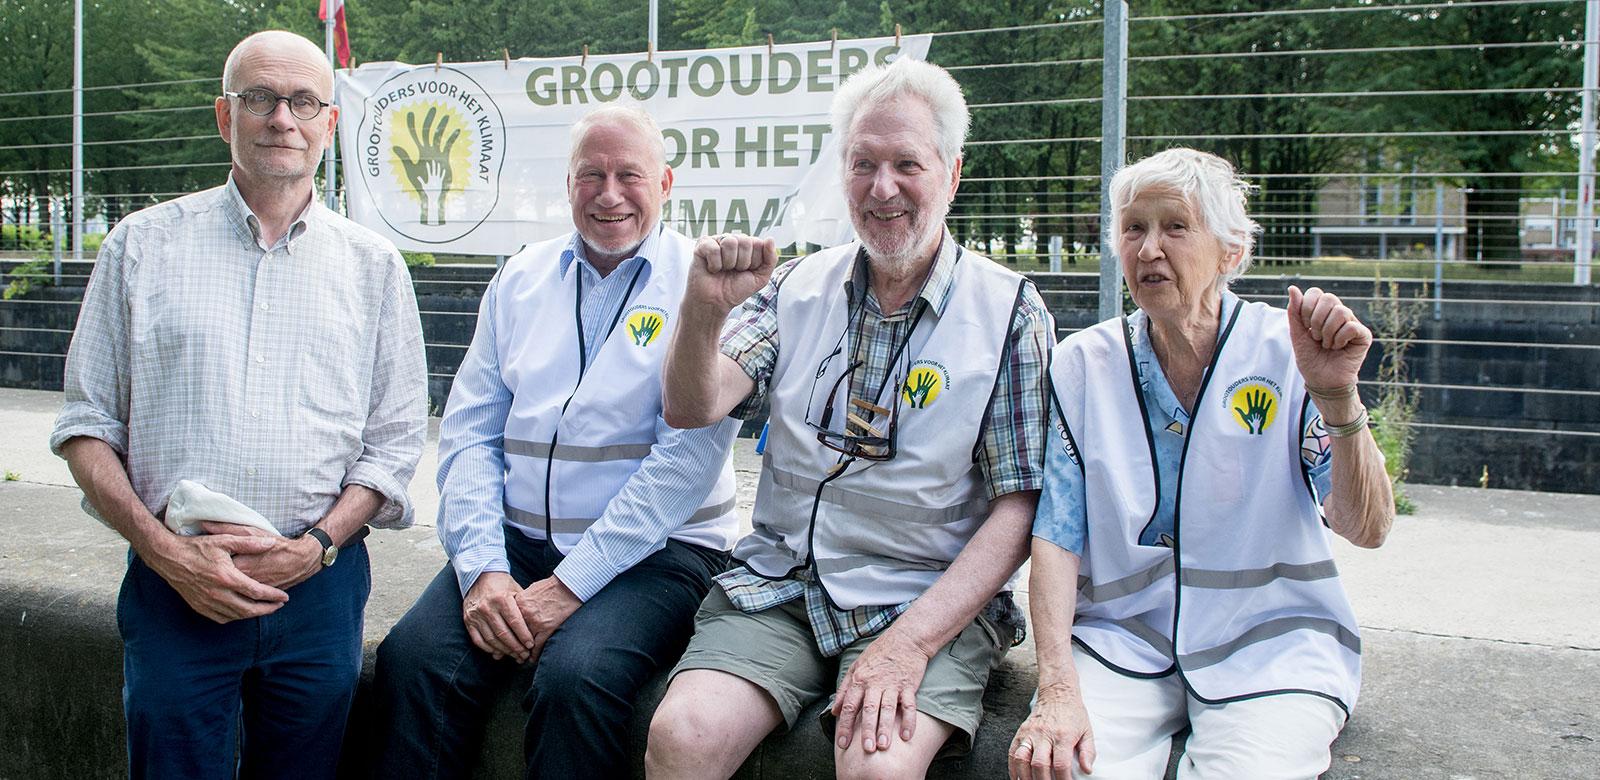 'Grootouders maken zich zorgen om de toekomst van hun kleinkinderen'